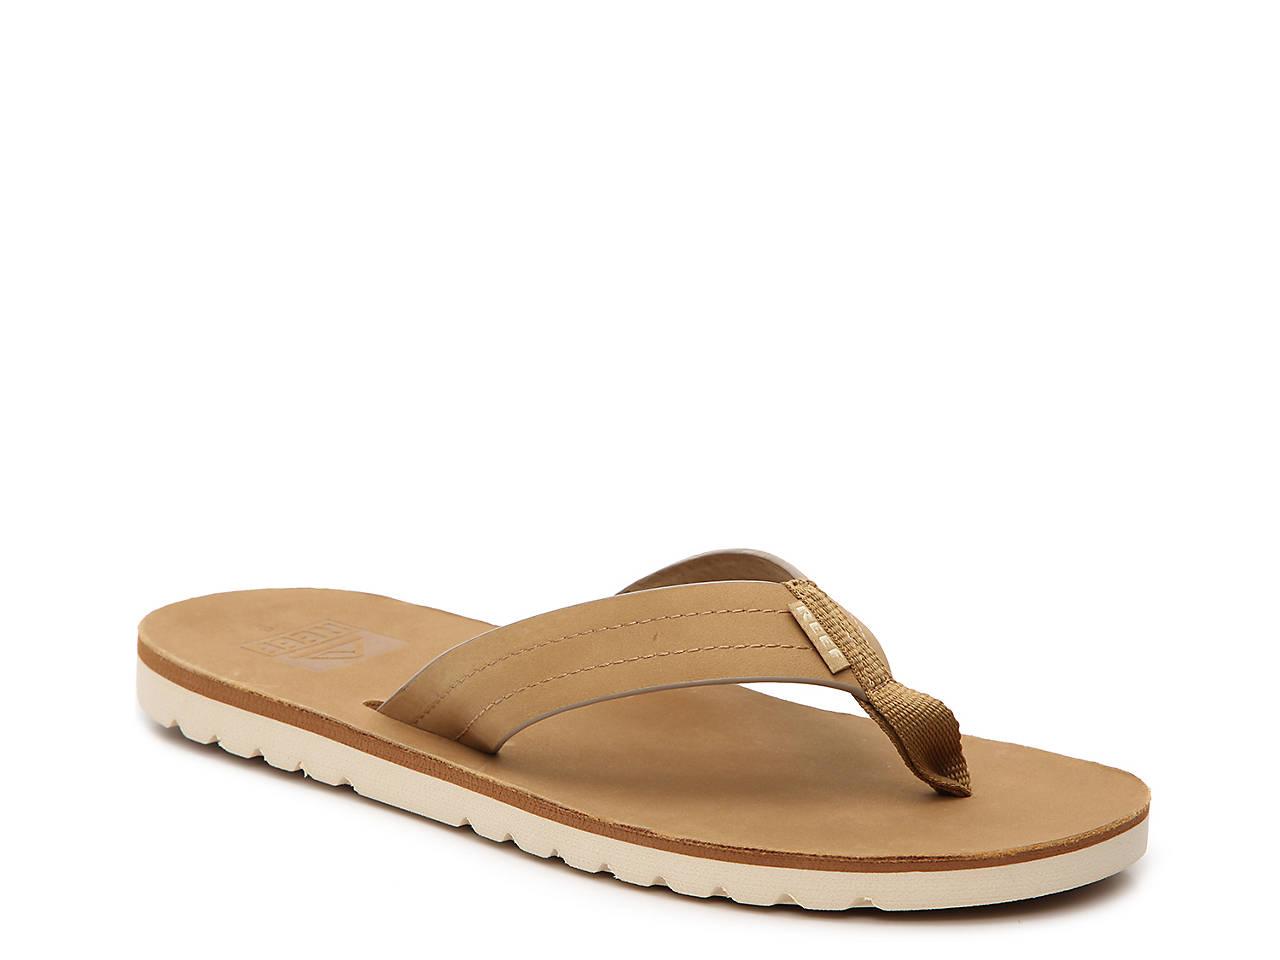 e5e3c9ebe Reef Voyage Sandal Men s Shoes